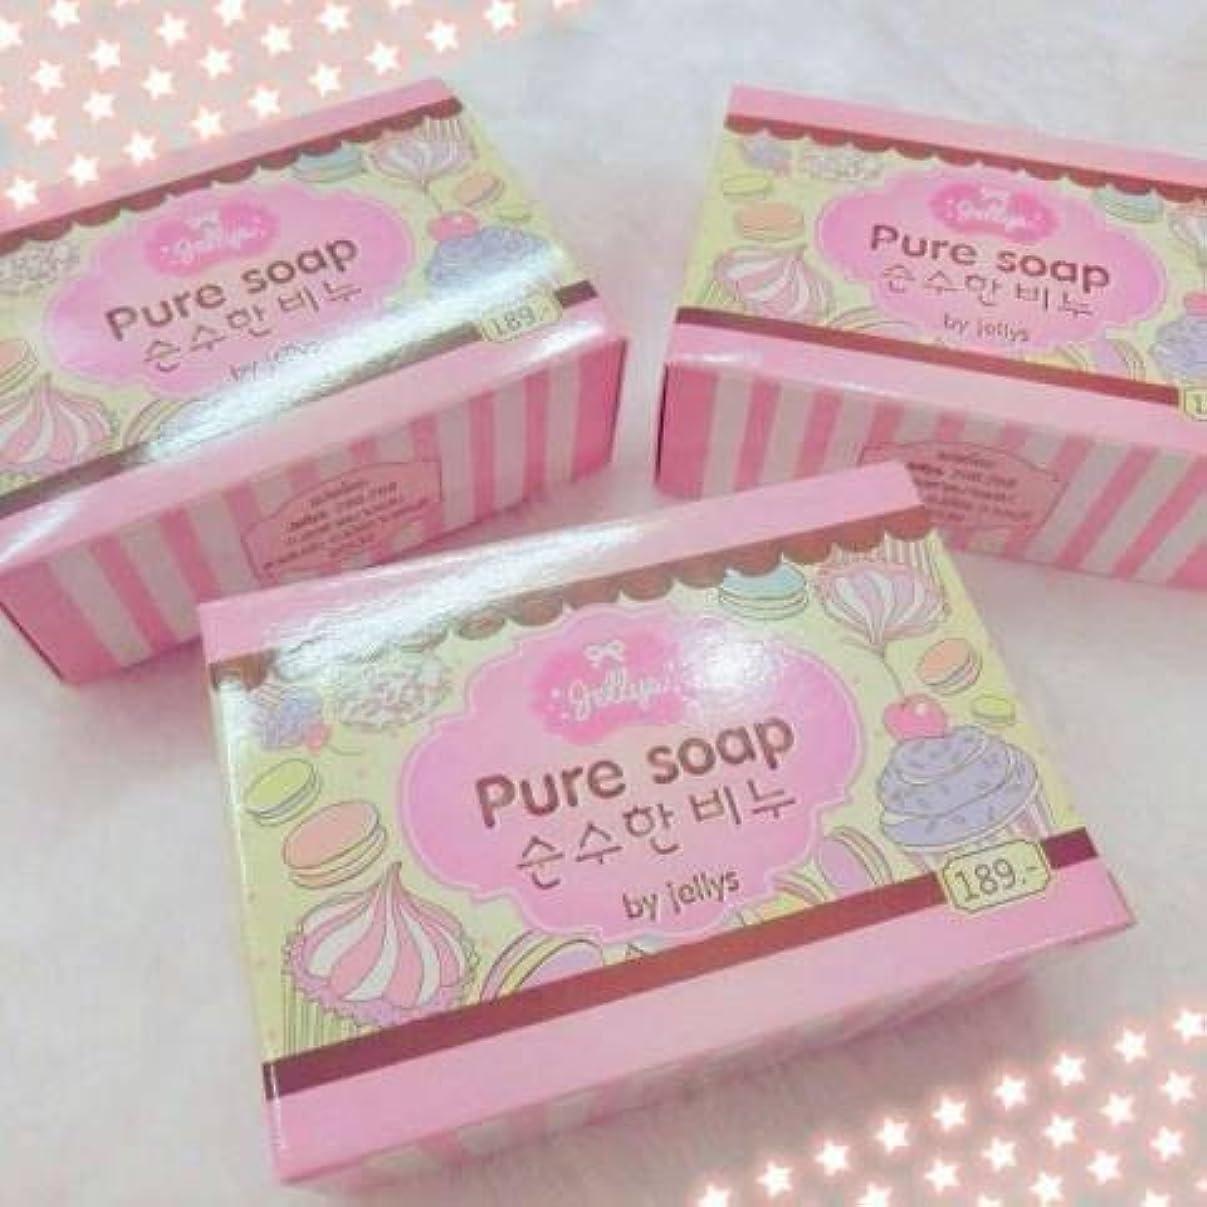 クランシードレス結論Pure Soap By Jellys 100% Pure White Jelly Soap. Whitening Soap. 100 g.